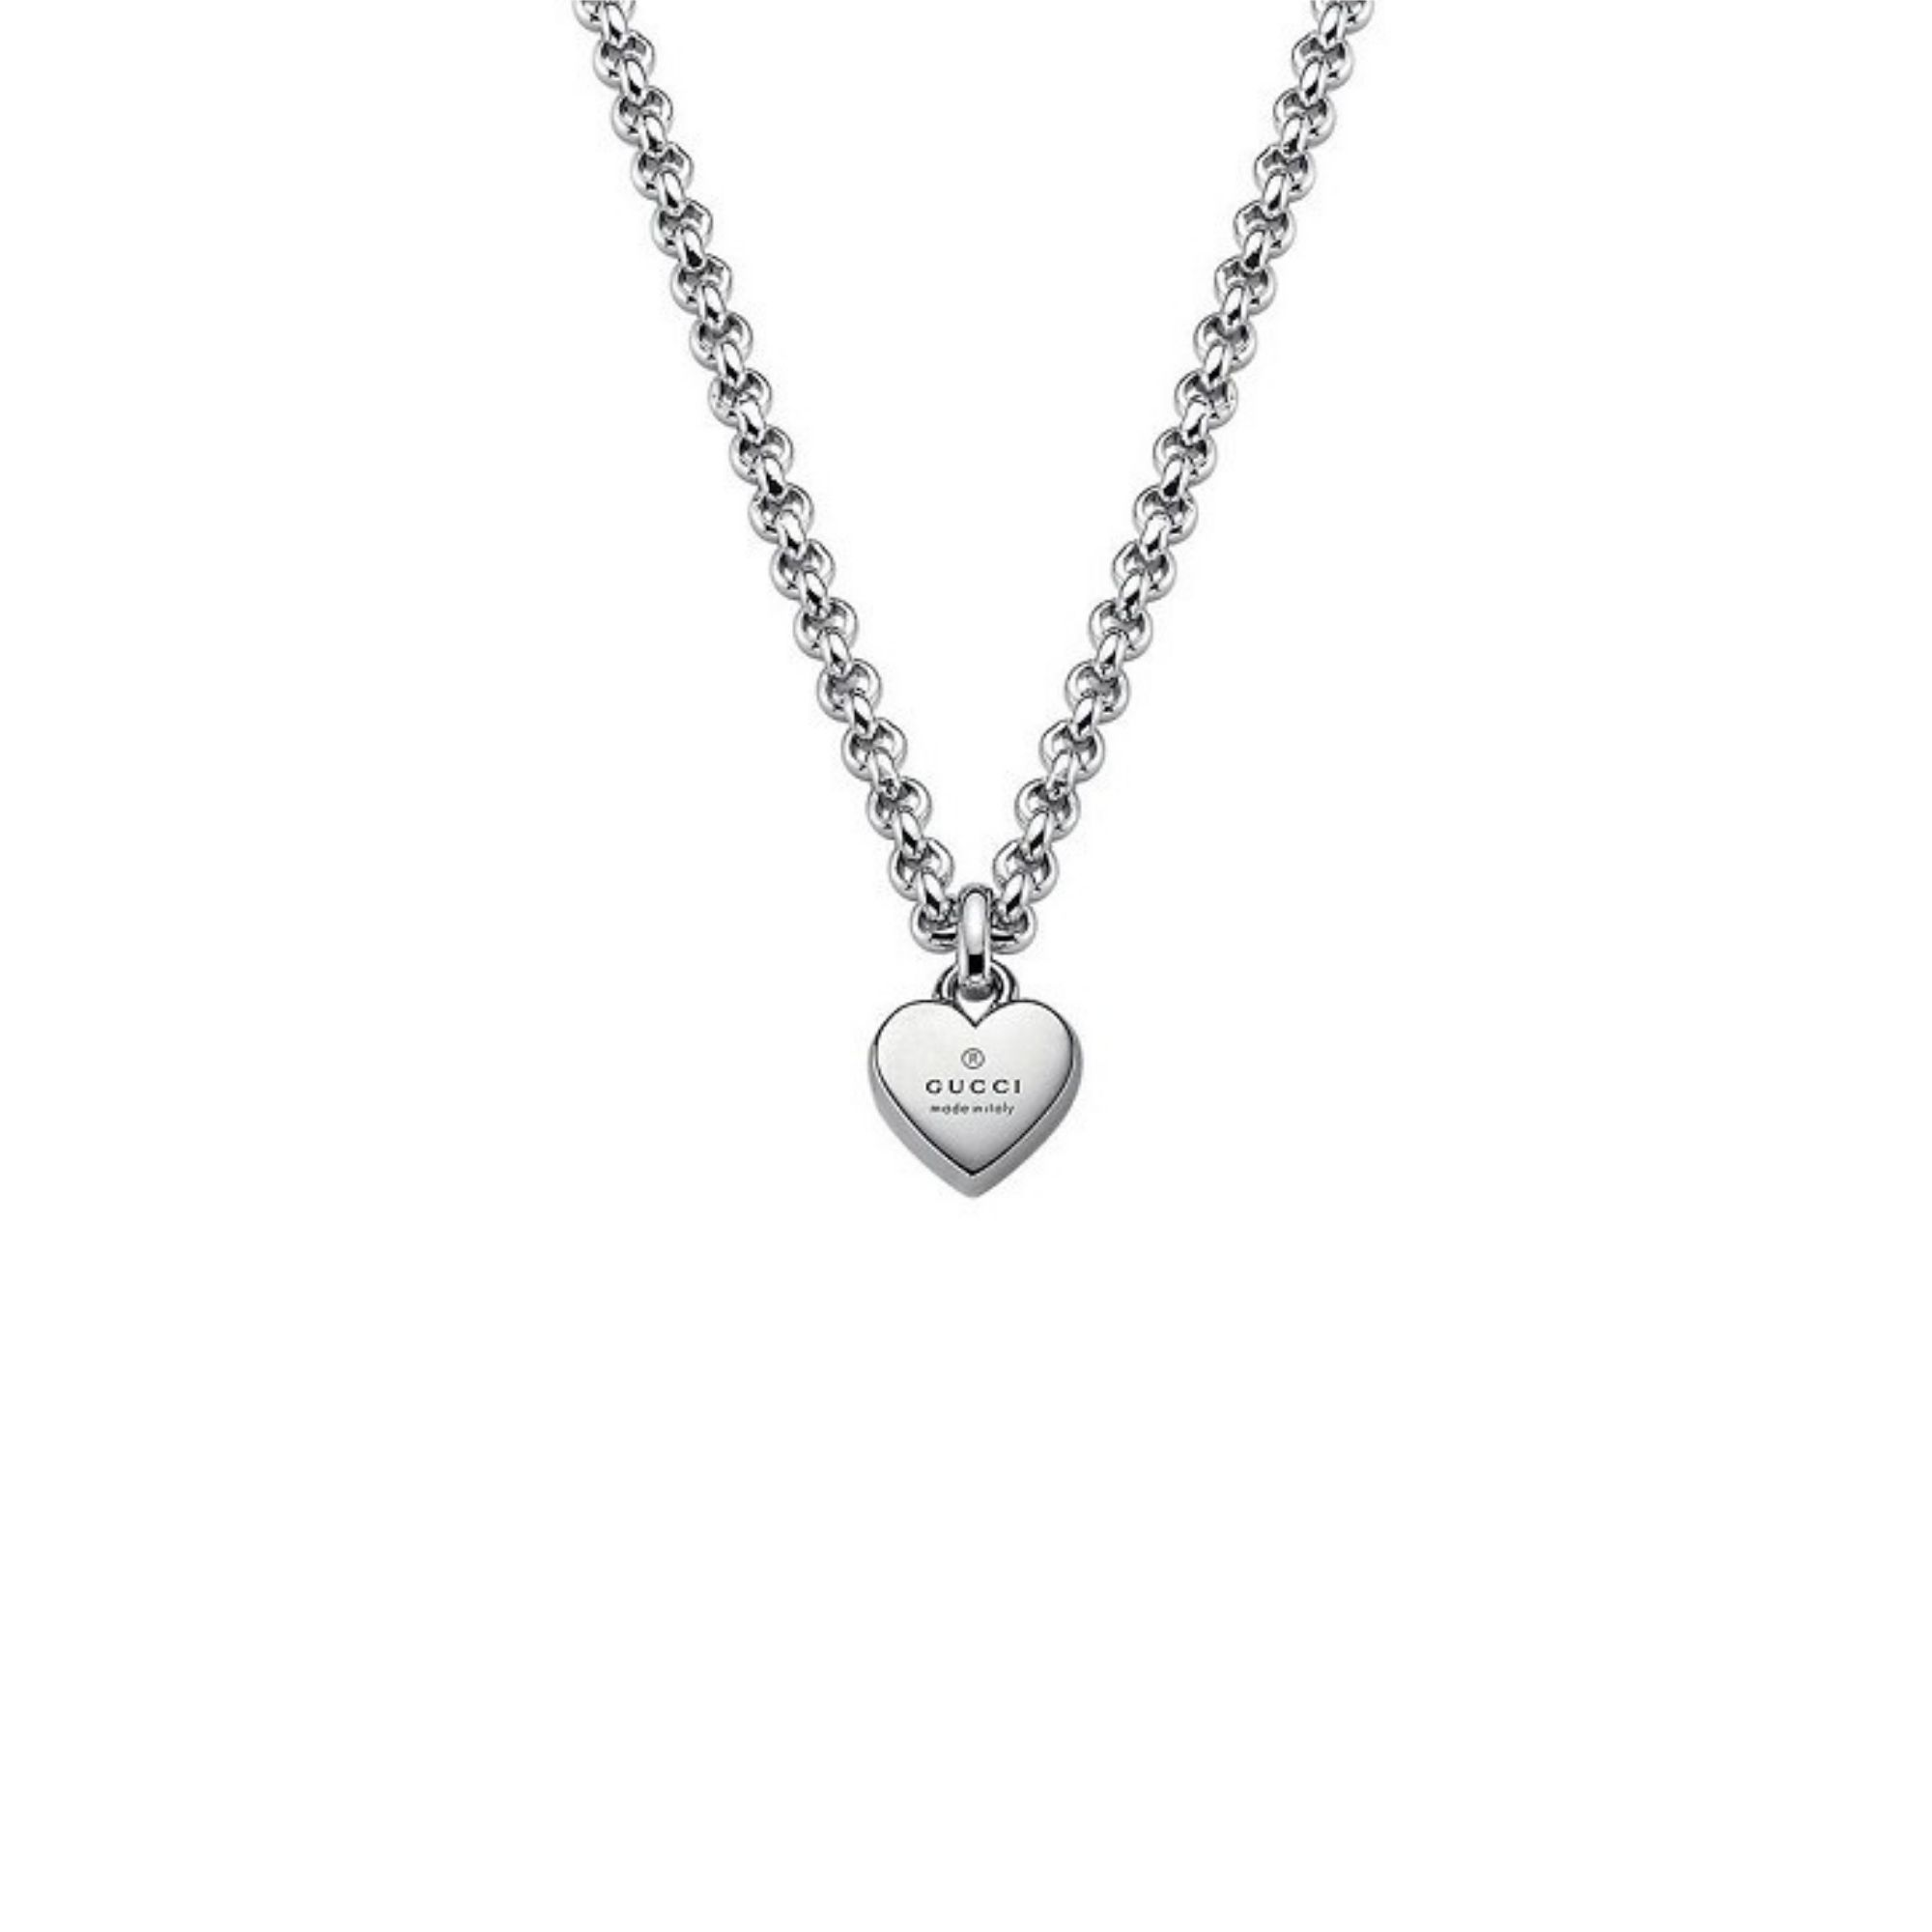 Collana Gucci con ciondolo cuore Trademark necklace heart silver sconto discount